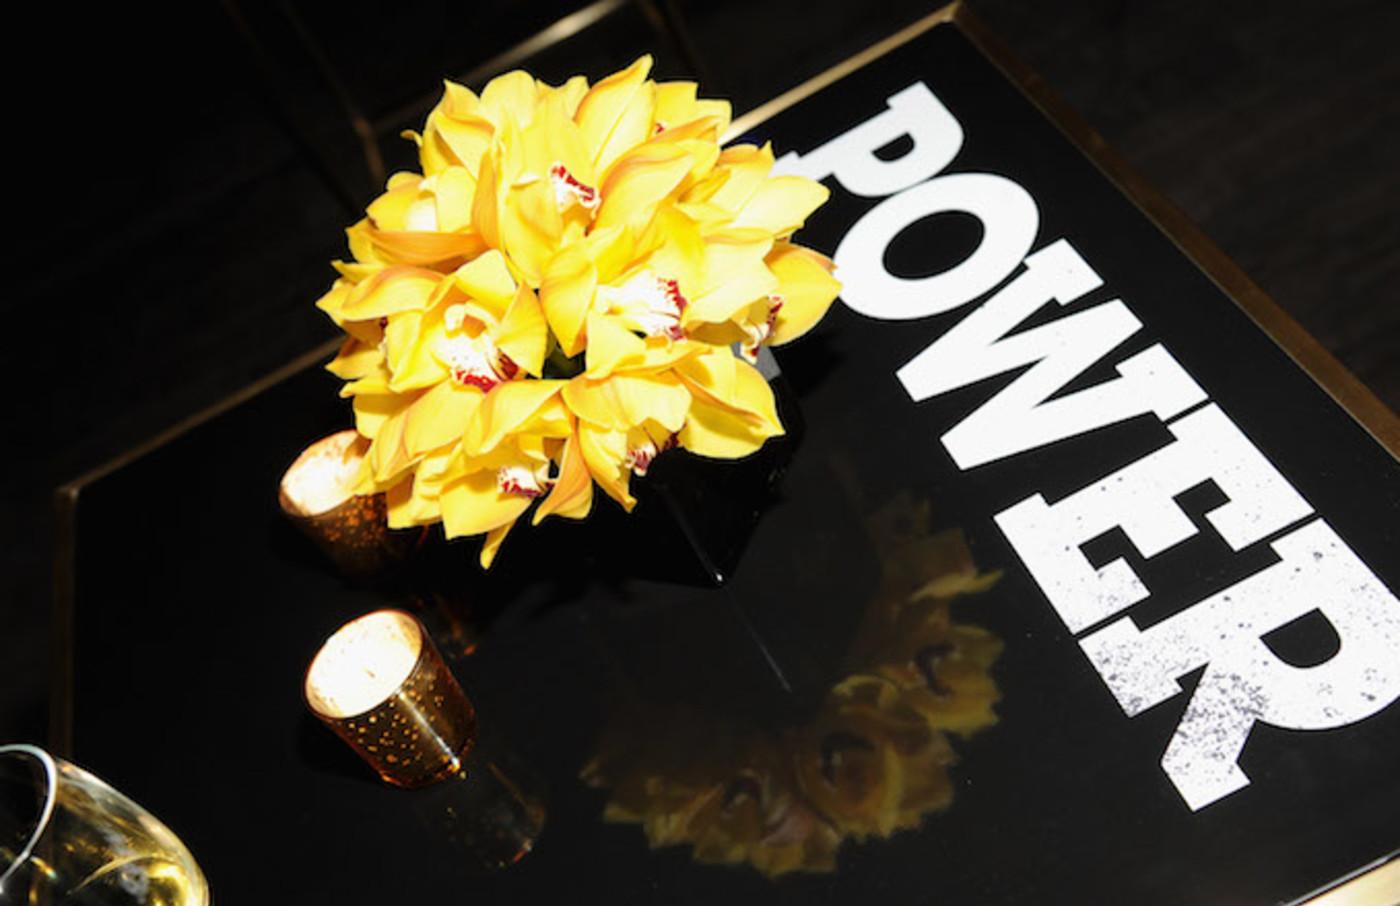 Power show production assistant dies